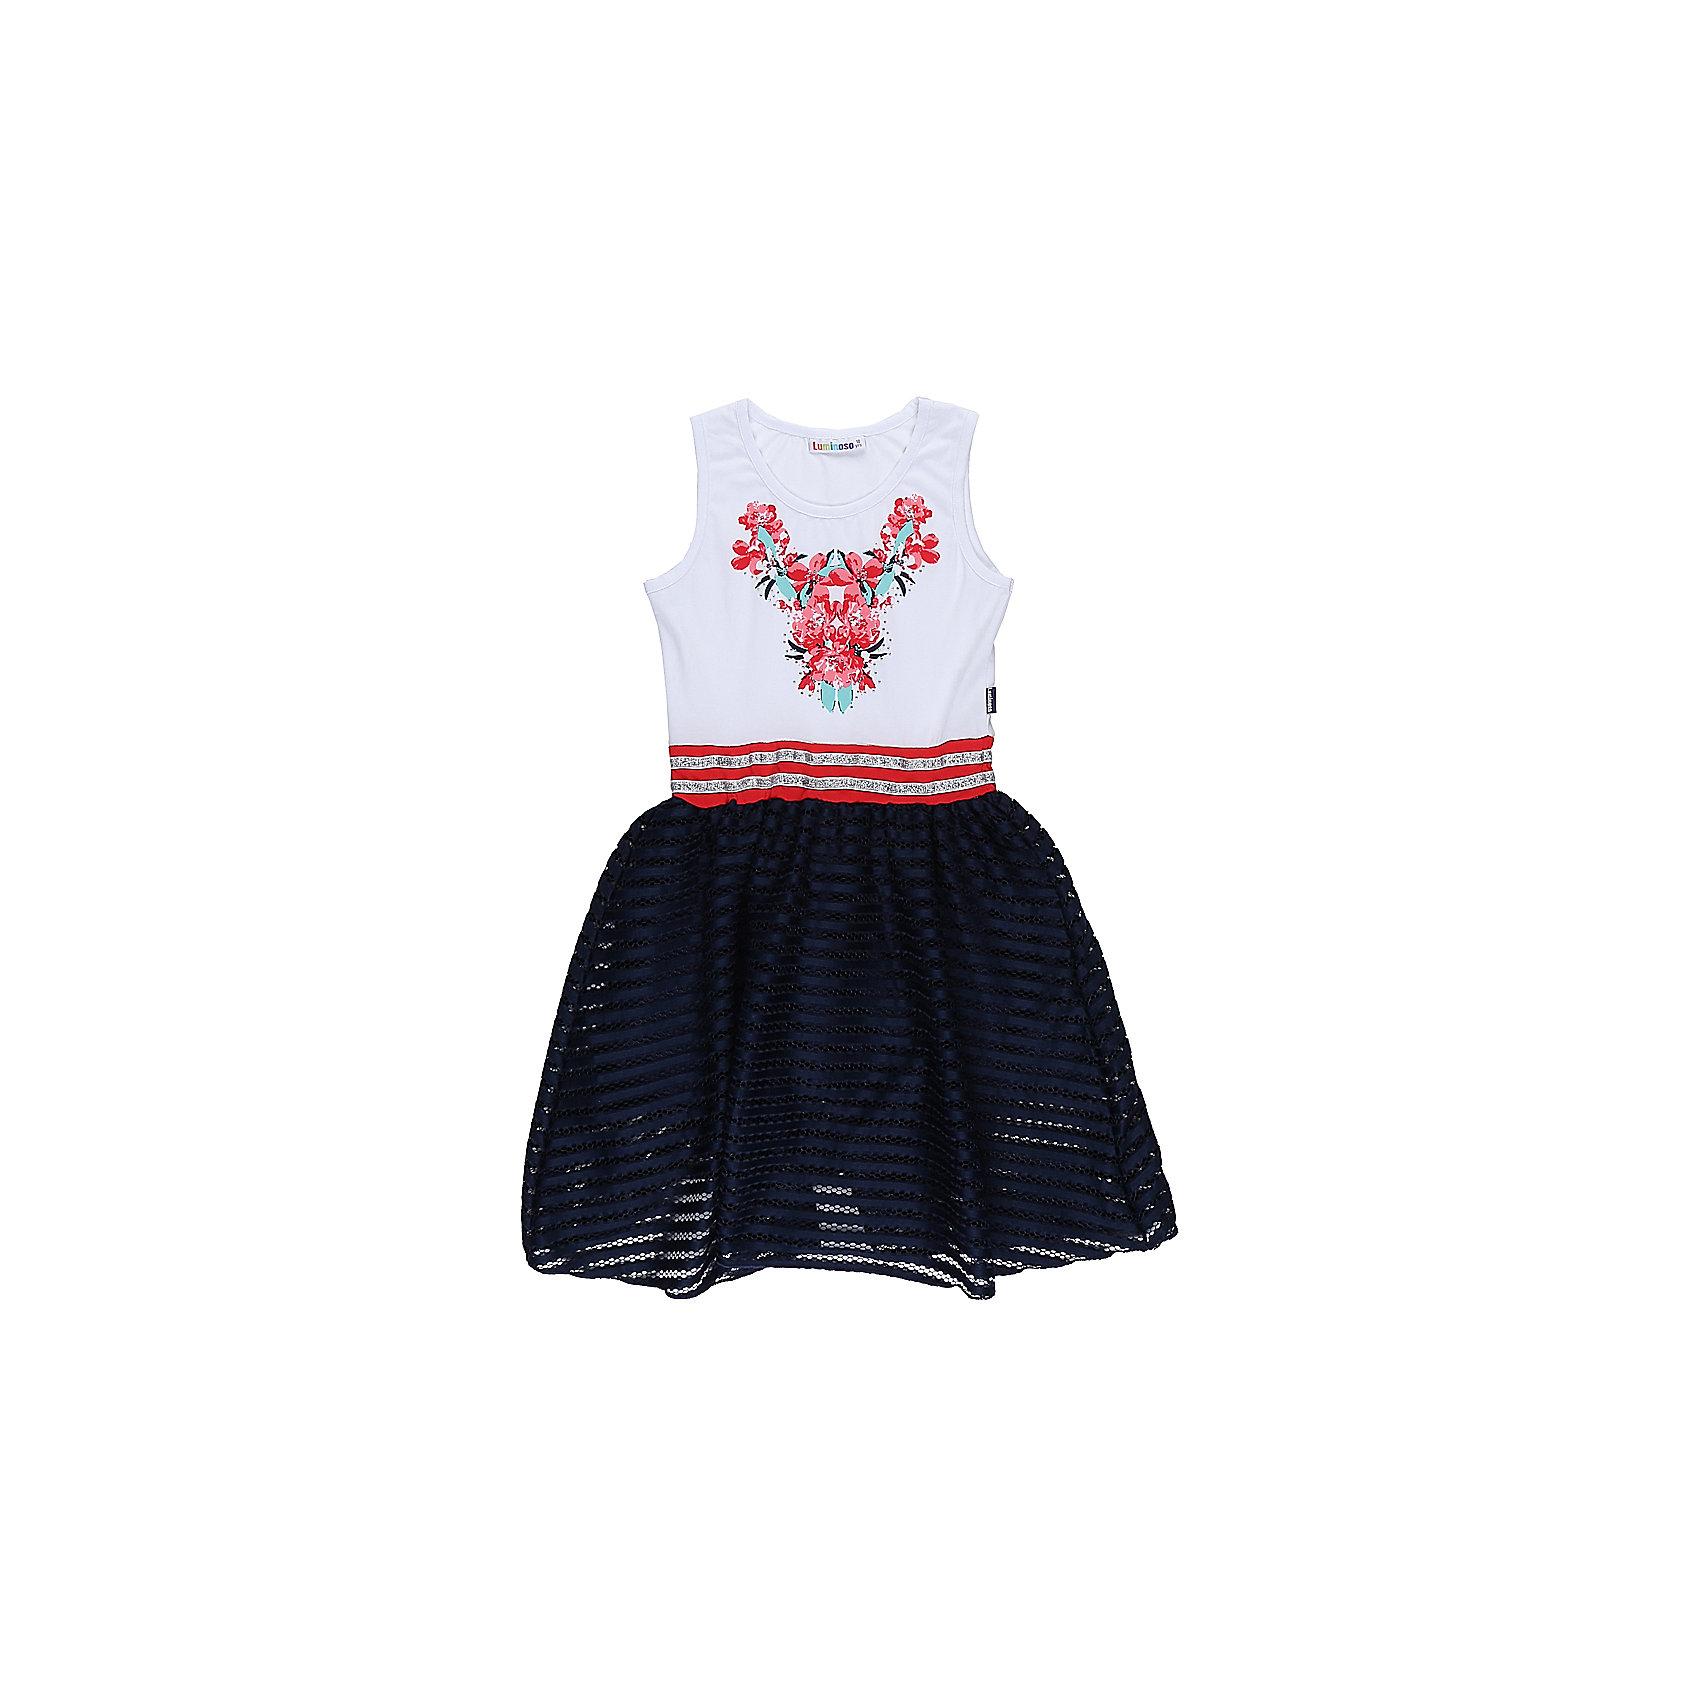 Платье для девочки LuminosoОдежда<br>Трикотажное платье для девочки из комбинированной ткани. Верх изделия декорирован ярким принтом, низ изделия выполнен из контрастной ткани. Приталенный крой.<br>Состав:<br>95%хлопок 5%эластан<br><br>Ширина мм: 236<br>Глубина мм: 16<br>Высота мм: 184<br>Вес г: 177<br>Цвет: разноцветный<br>Возраст от месяцев: 96<br>Возраст до месяцев: 108<br>Пол: Женский<br>Возраст: Детский<br>Размер: 134,140,146,152,158,164<br>SKU: 5413368